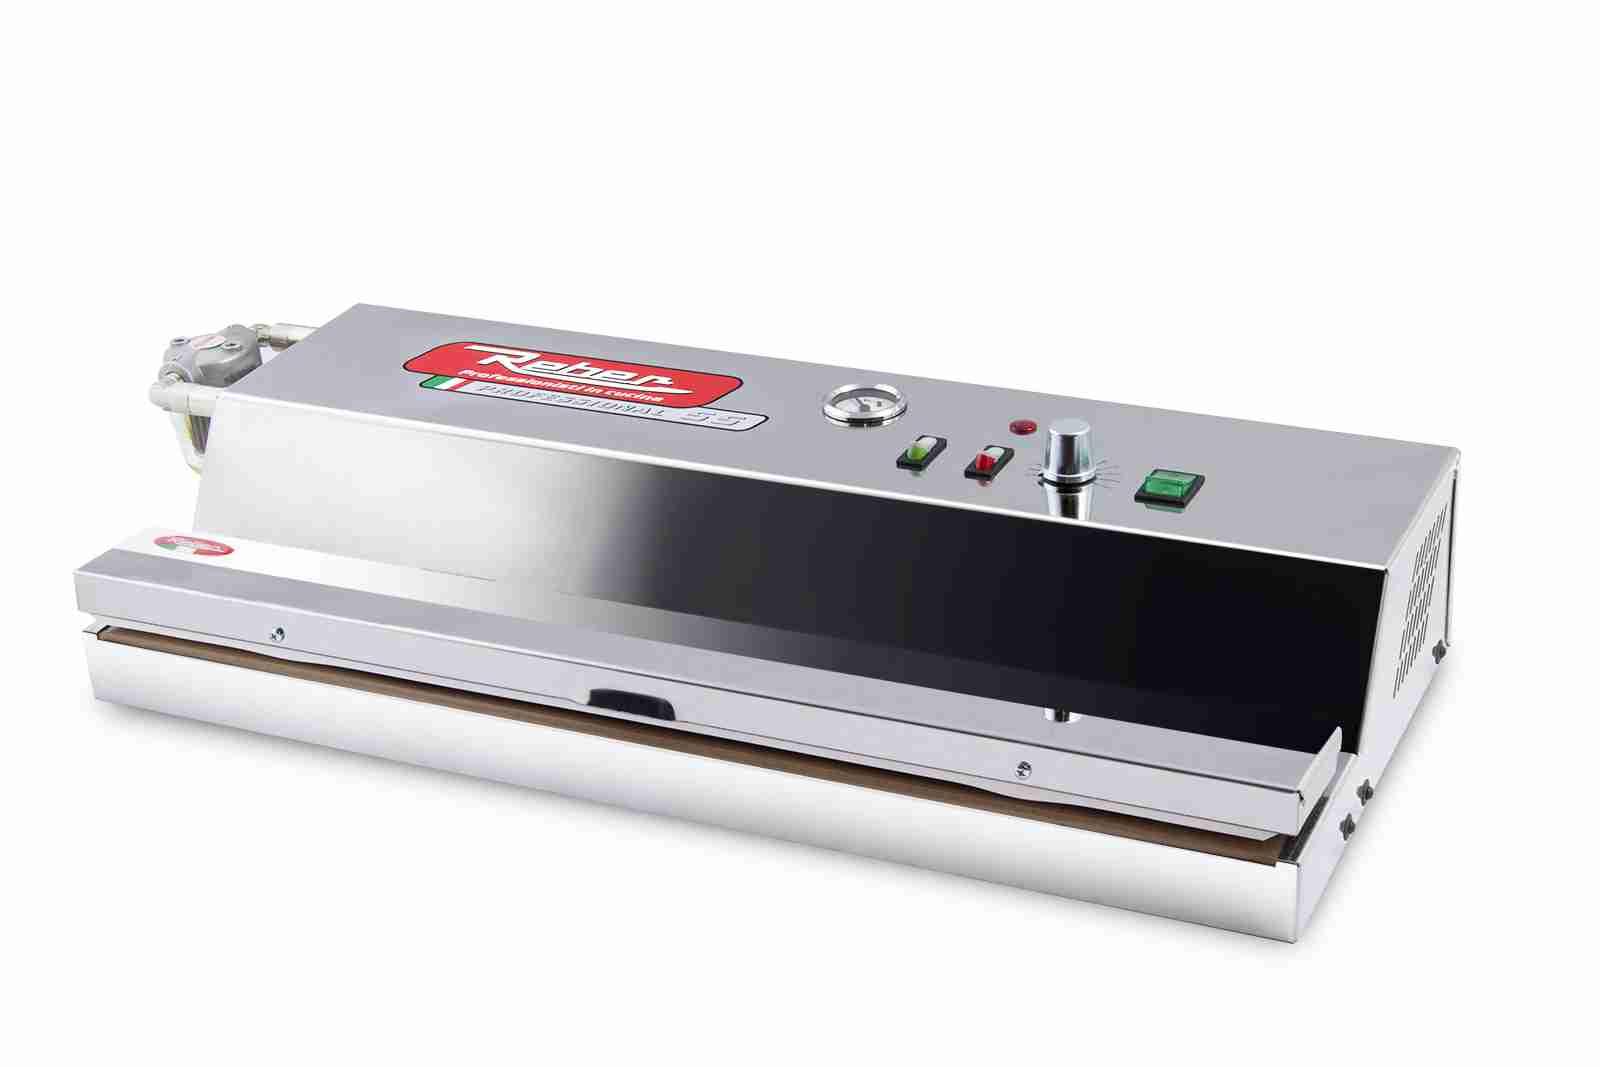 REBER Professional 55 macchina sottovuoto inox filtro protezione liquidi 9712NF